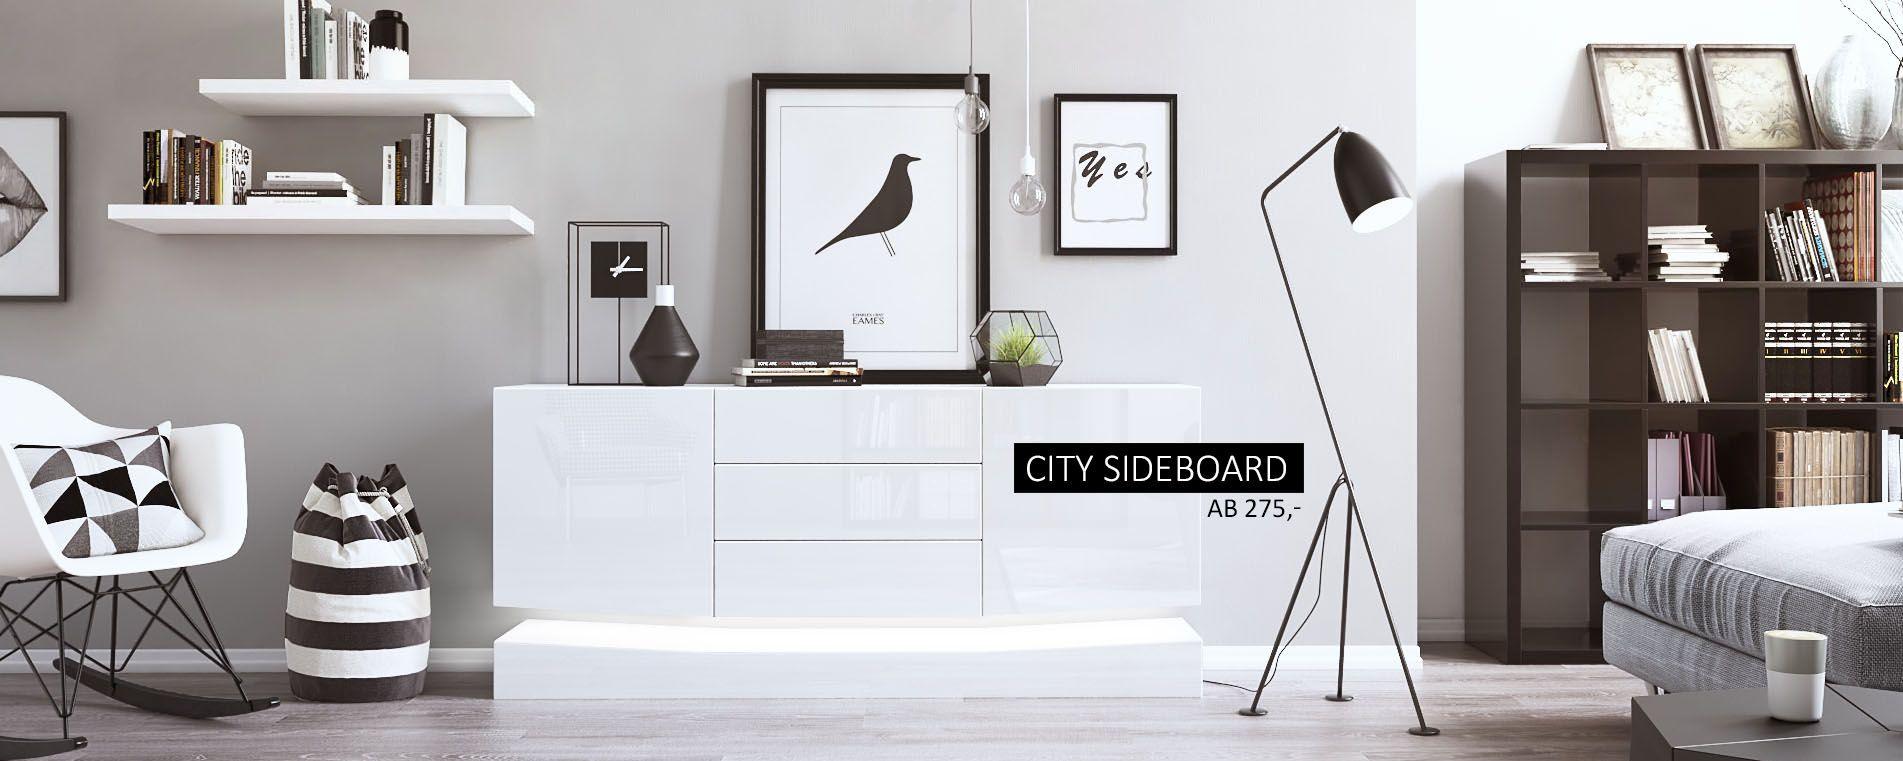 Fabulous Sideboard City eindrucksvolles Licht und trendiges Design f r das moderne Ambiente zuhause vladon